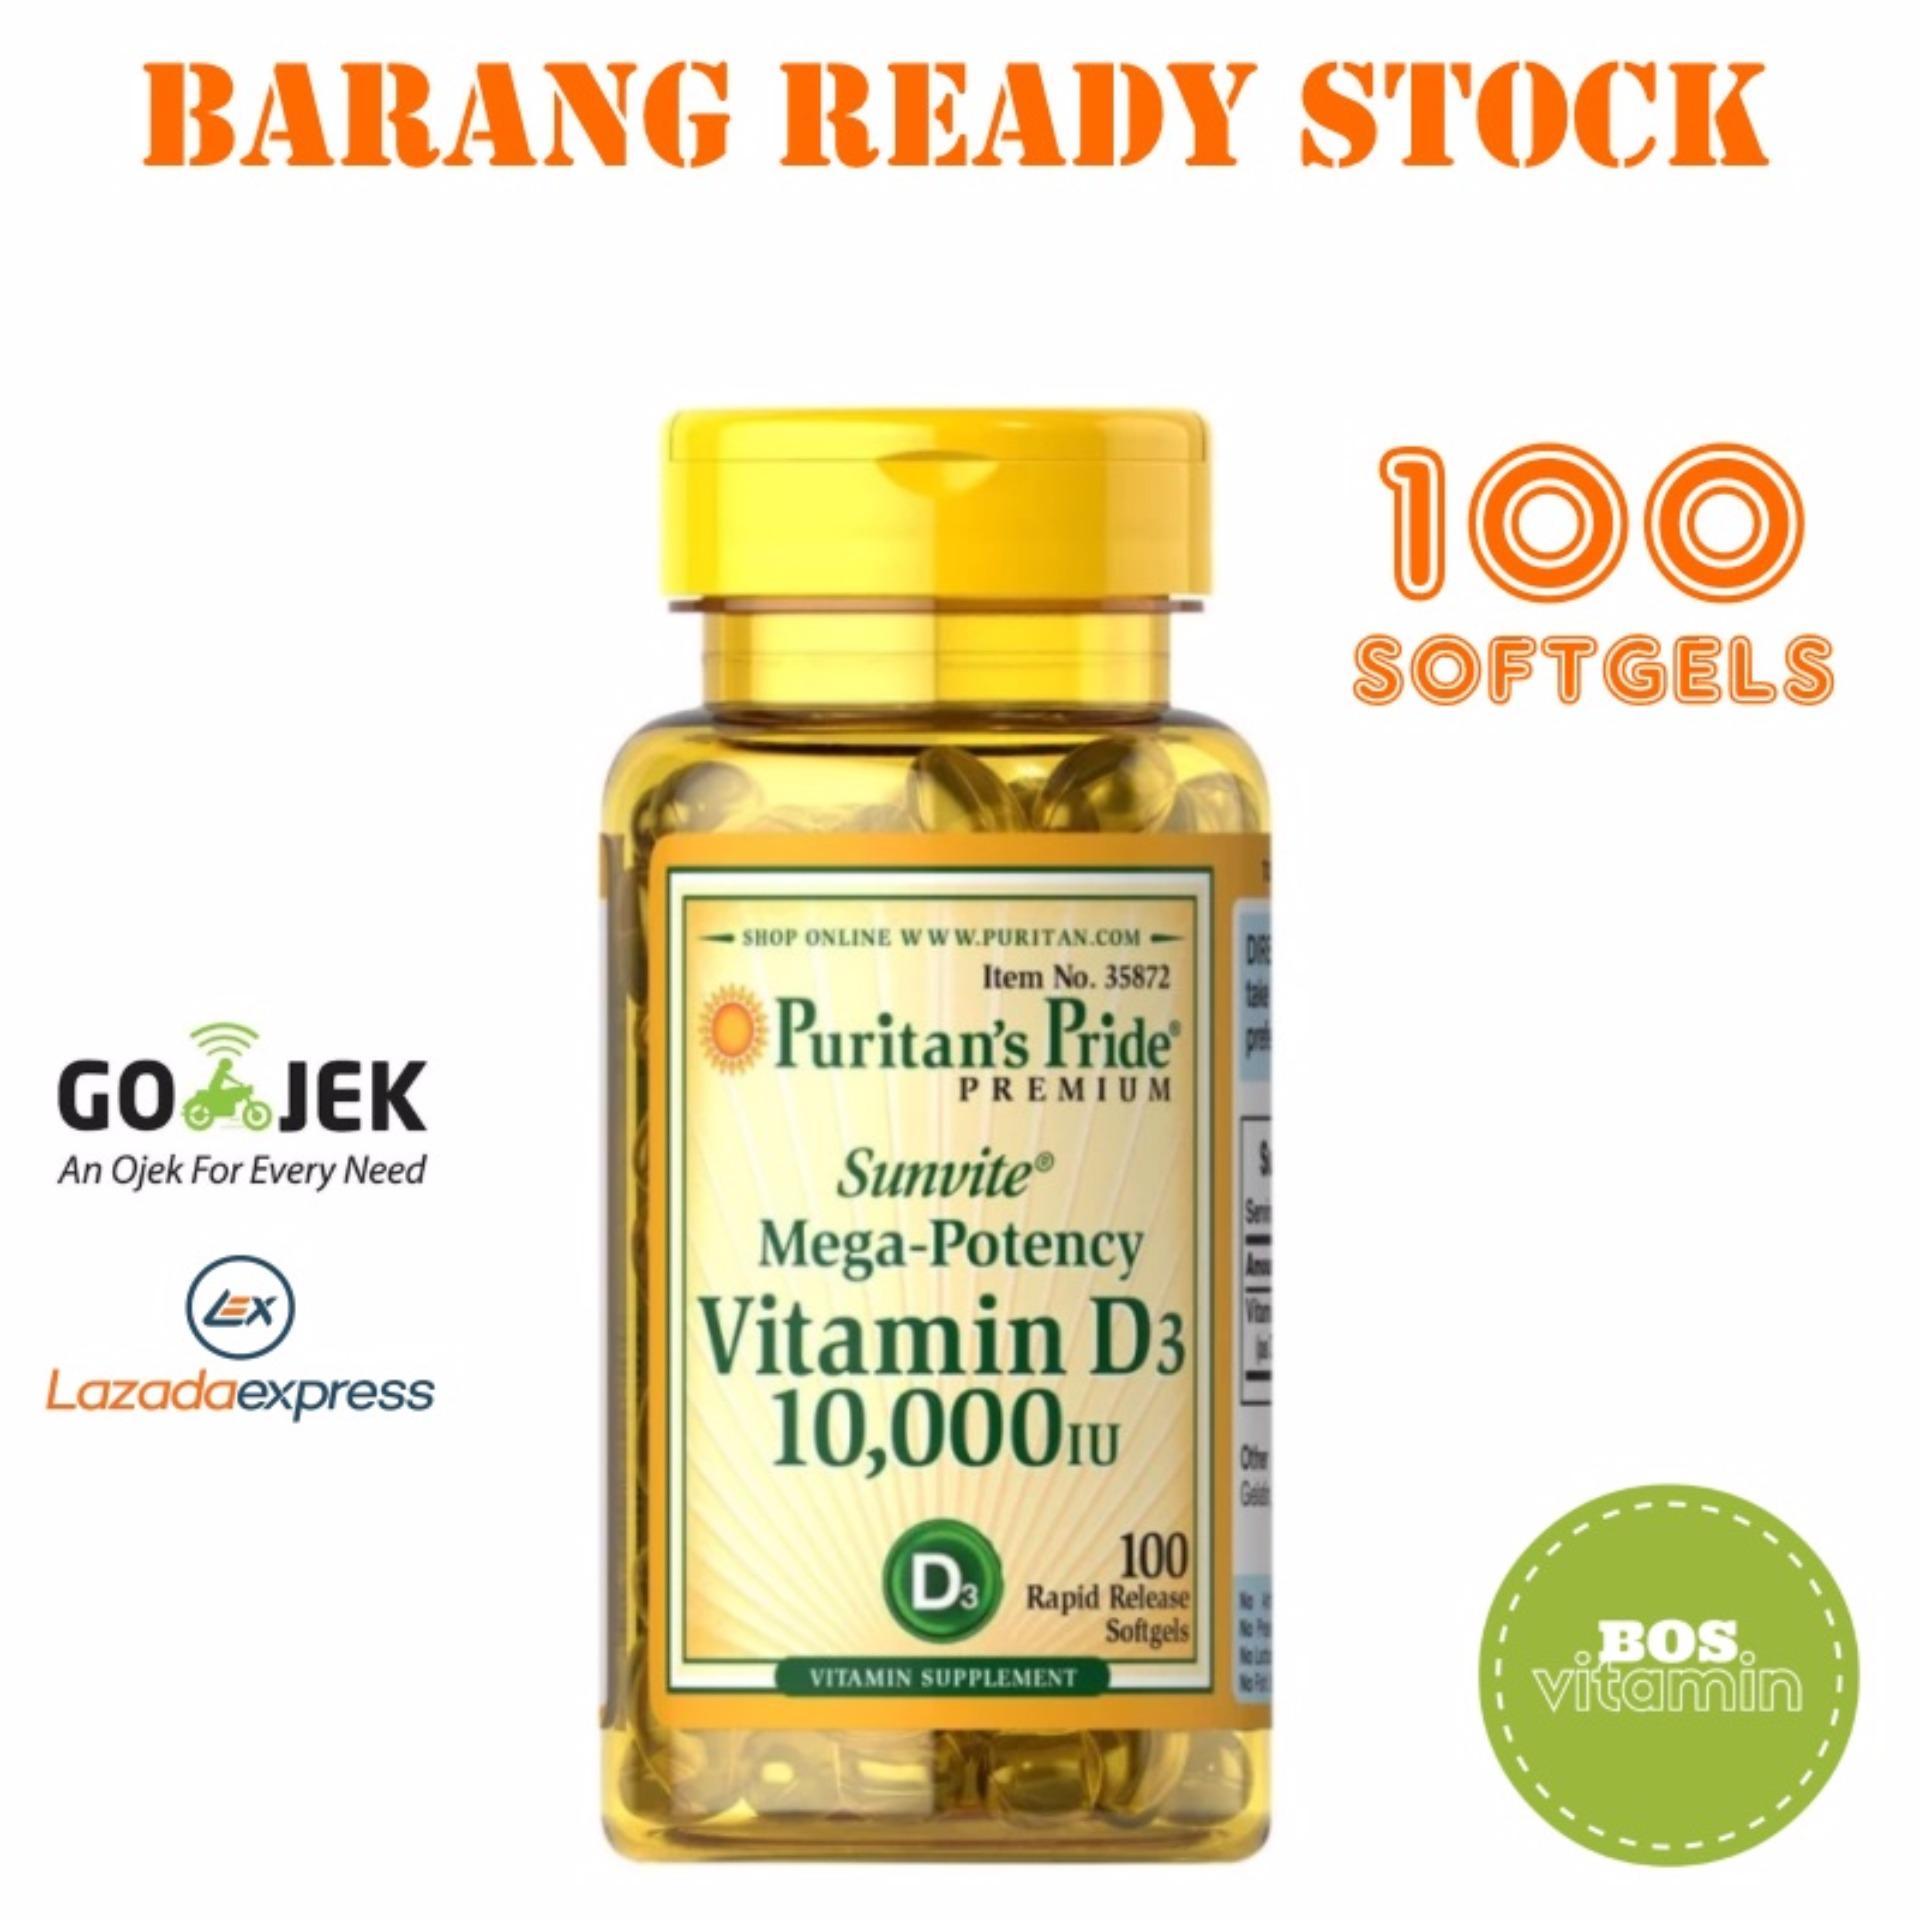 Pencari Harga Puritan's Pride Mega Potency Vitamin D3 10000IU - 100 Softgel terbaik murah - Hanya Rp169.670